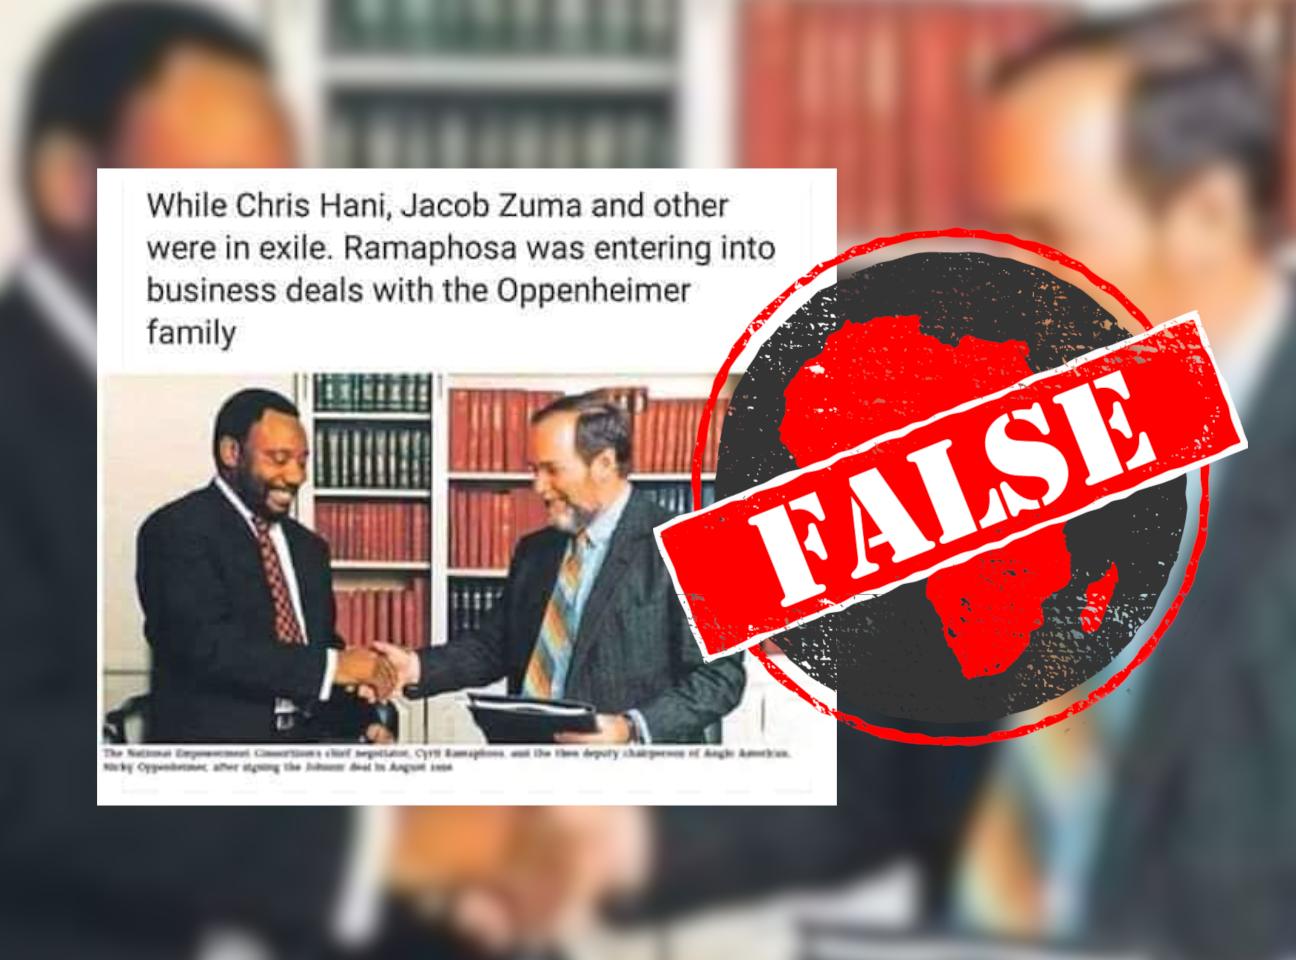 RamaphosaDeal_False